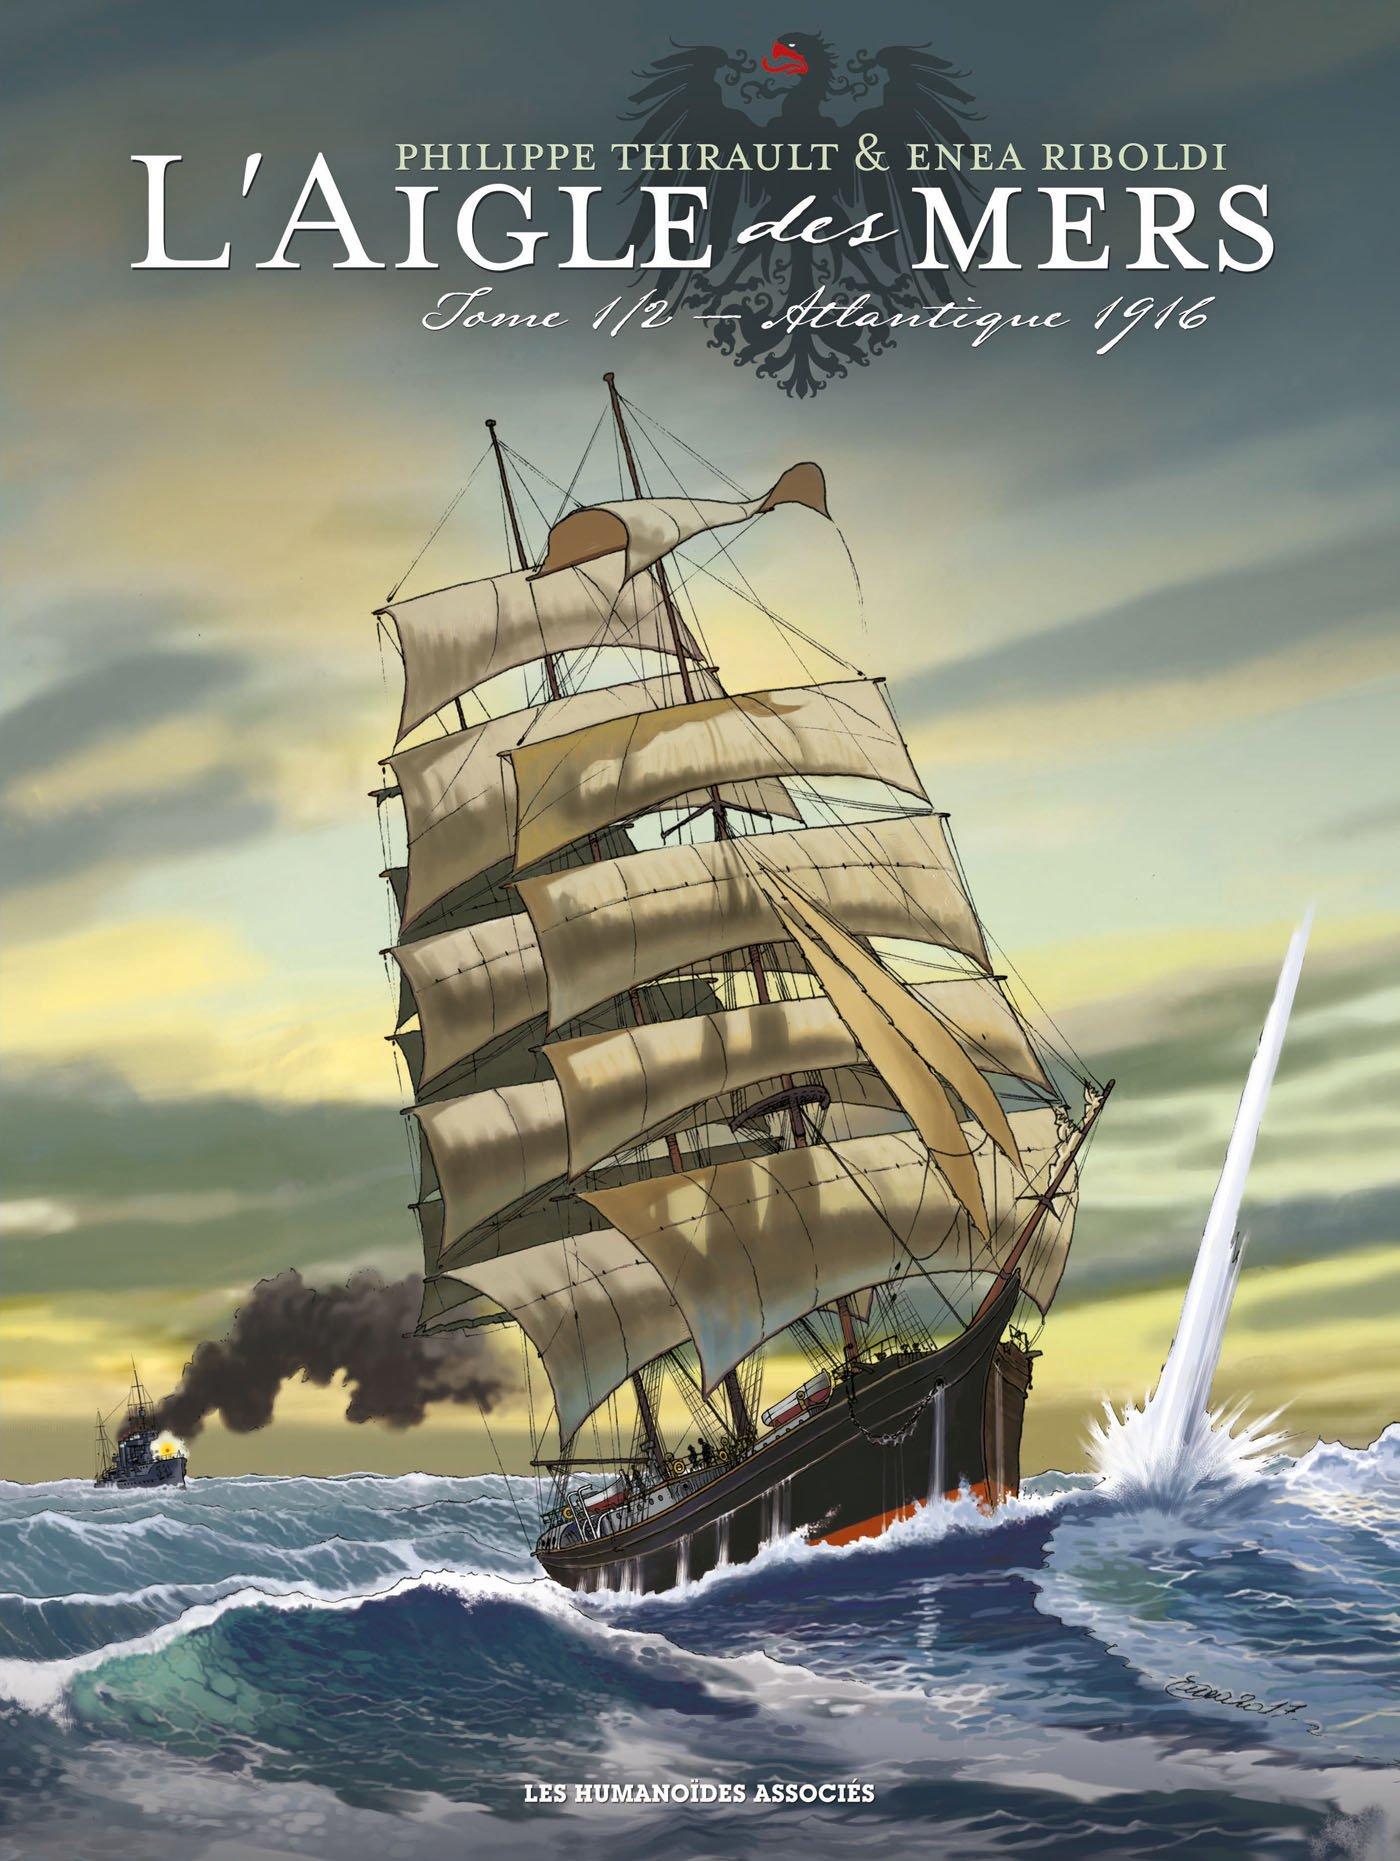 L'aigle des mers 1 - Atlantique 1916